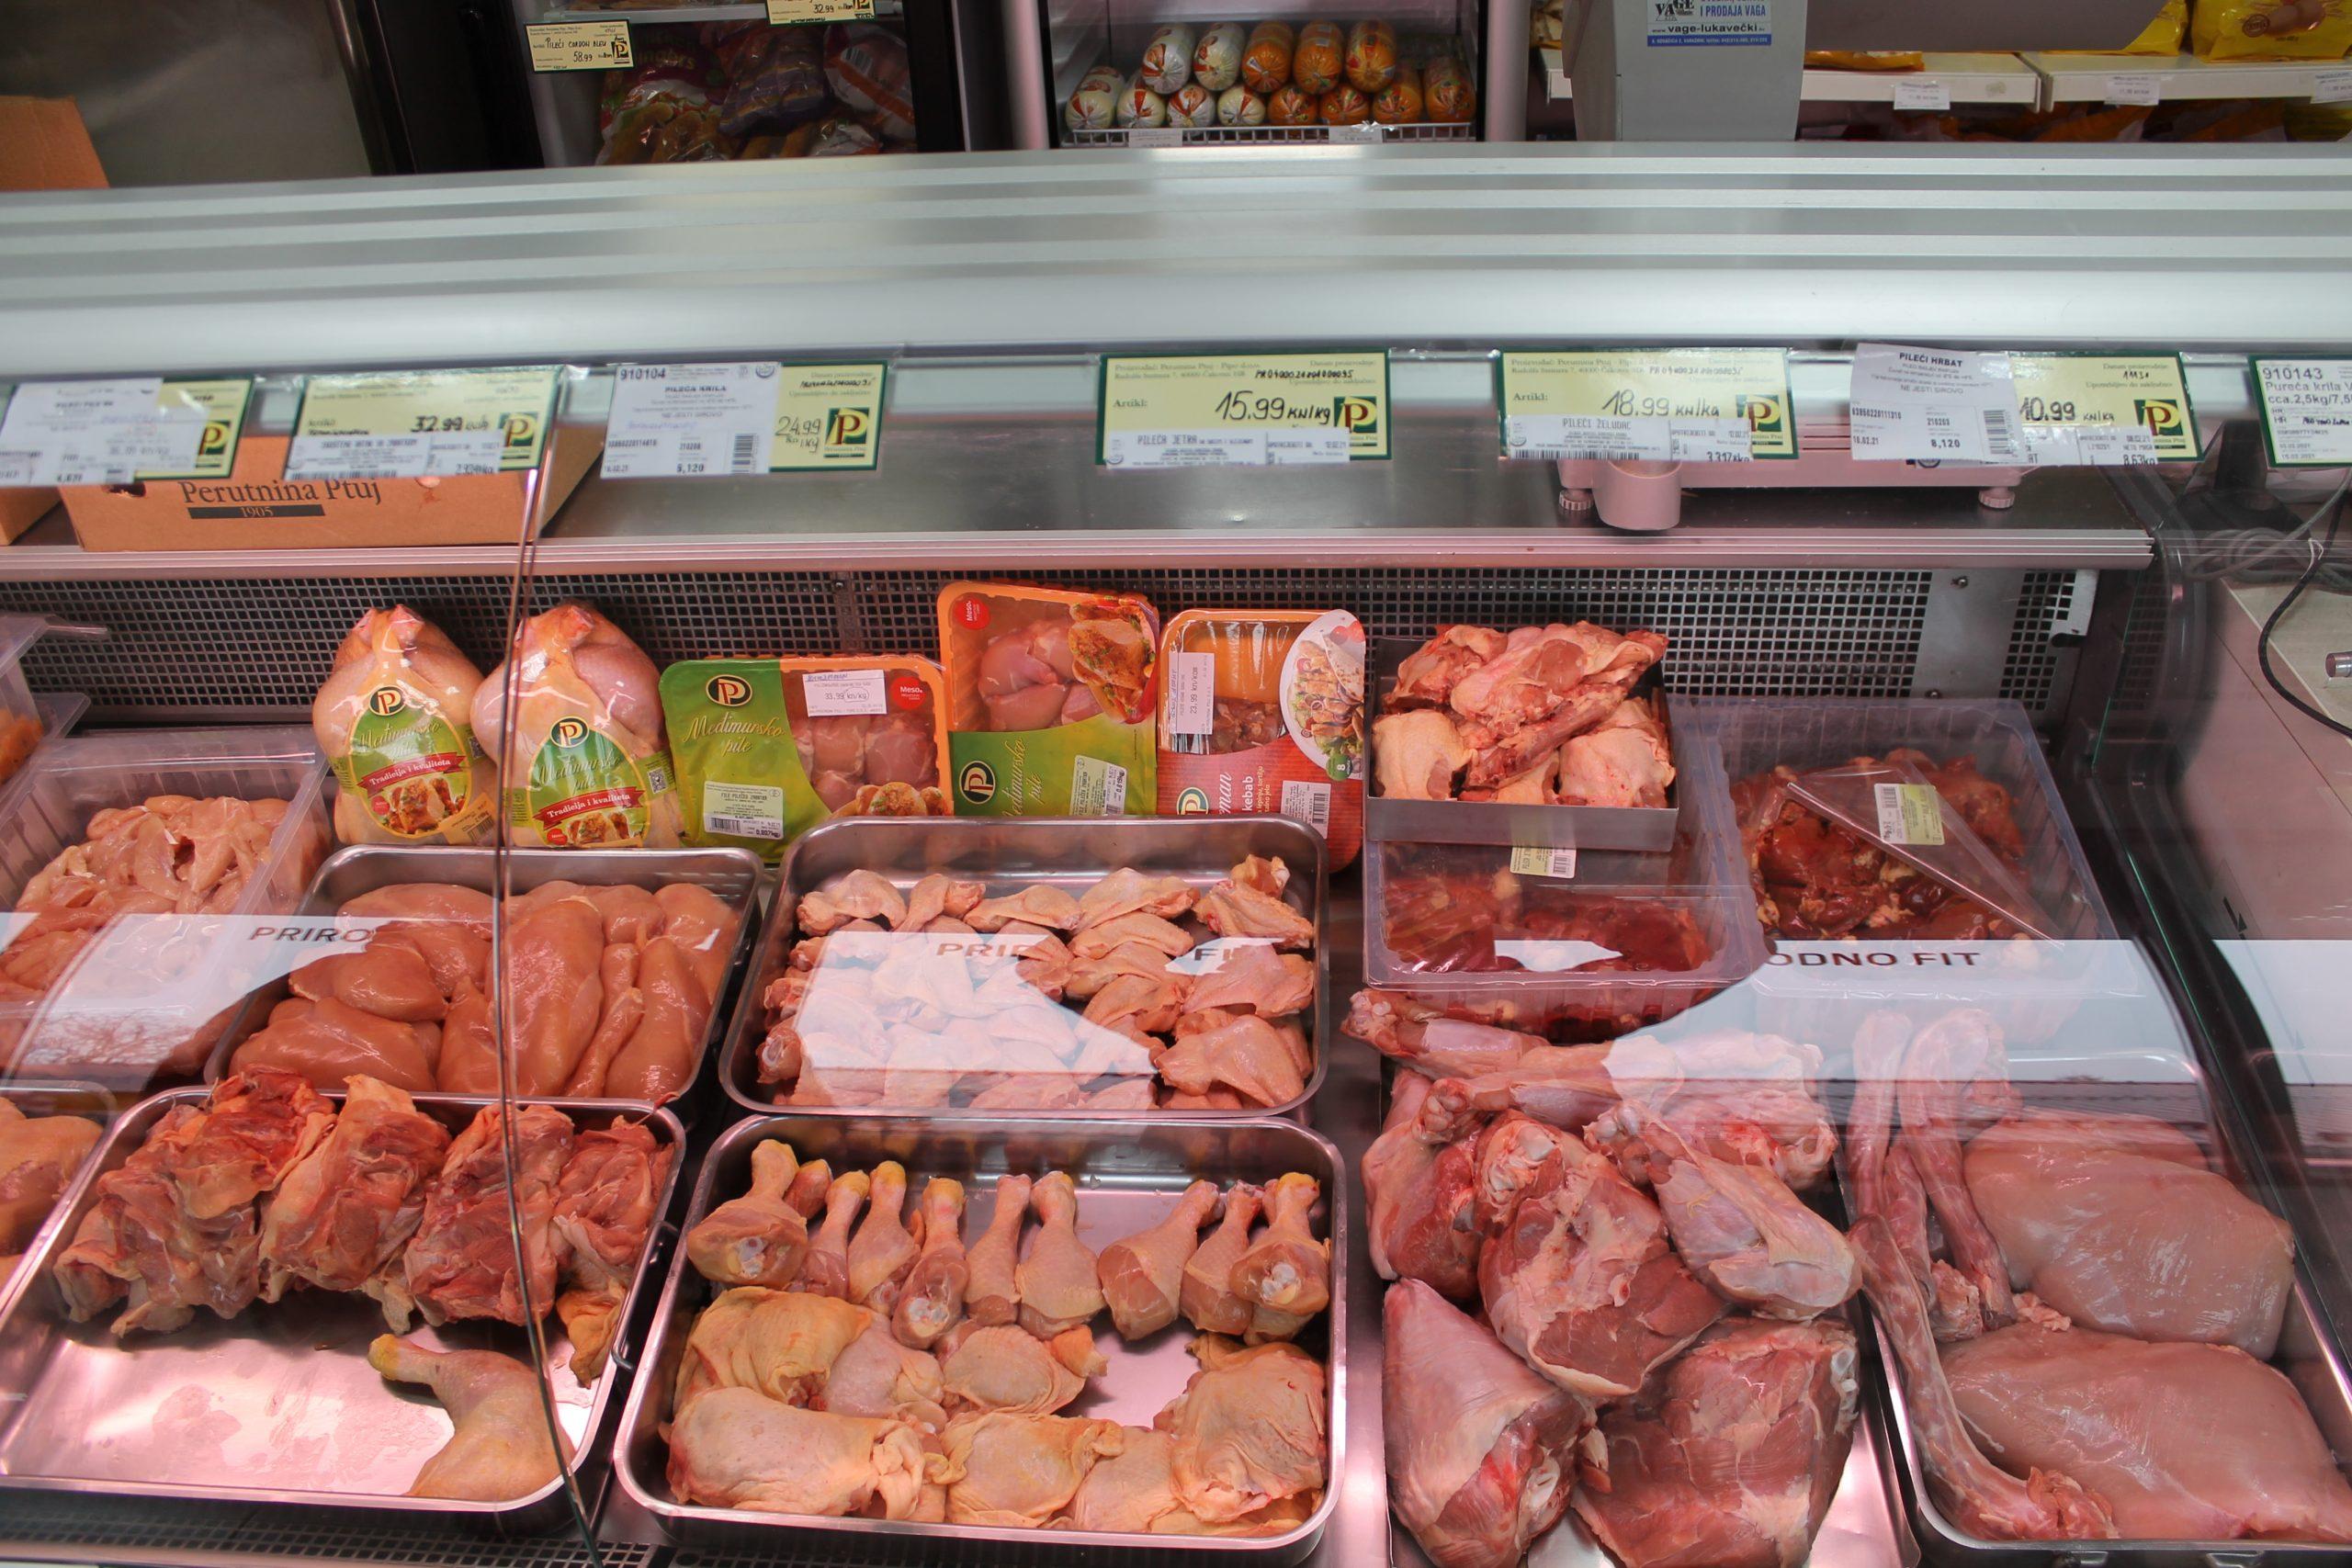 Perutnina Ptuj i dalje je na tržnici, svoju svježu hrvatsku piletinu potražite u kiosku pored blagajne Komunalca